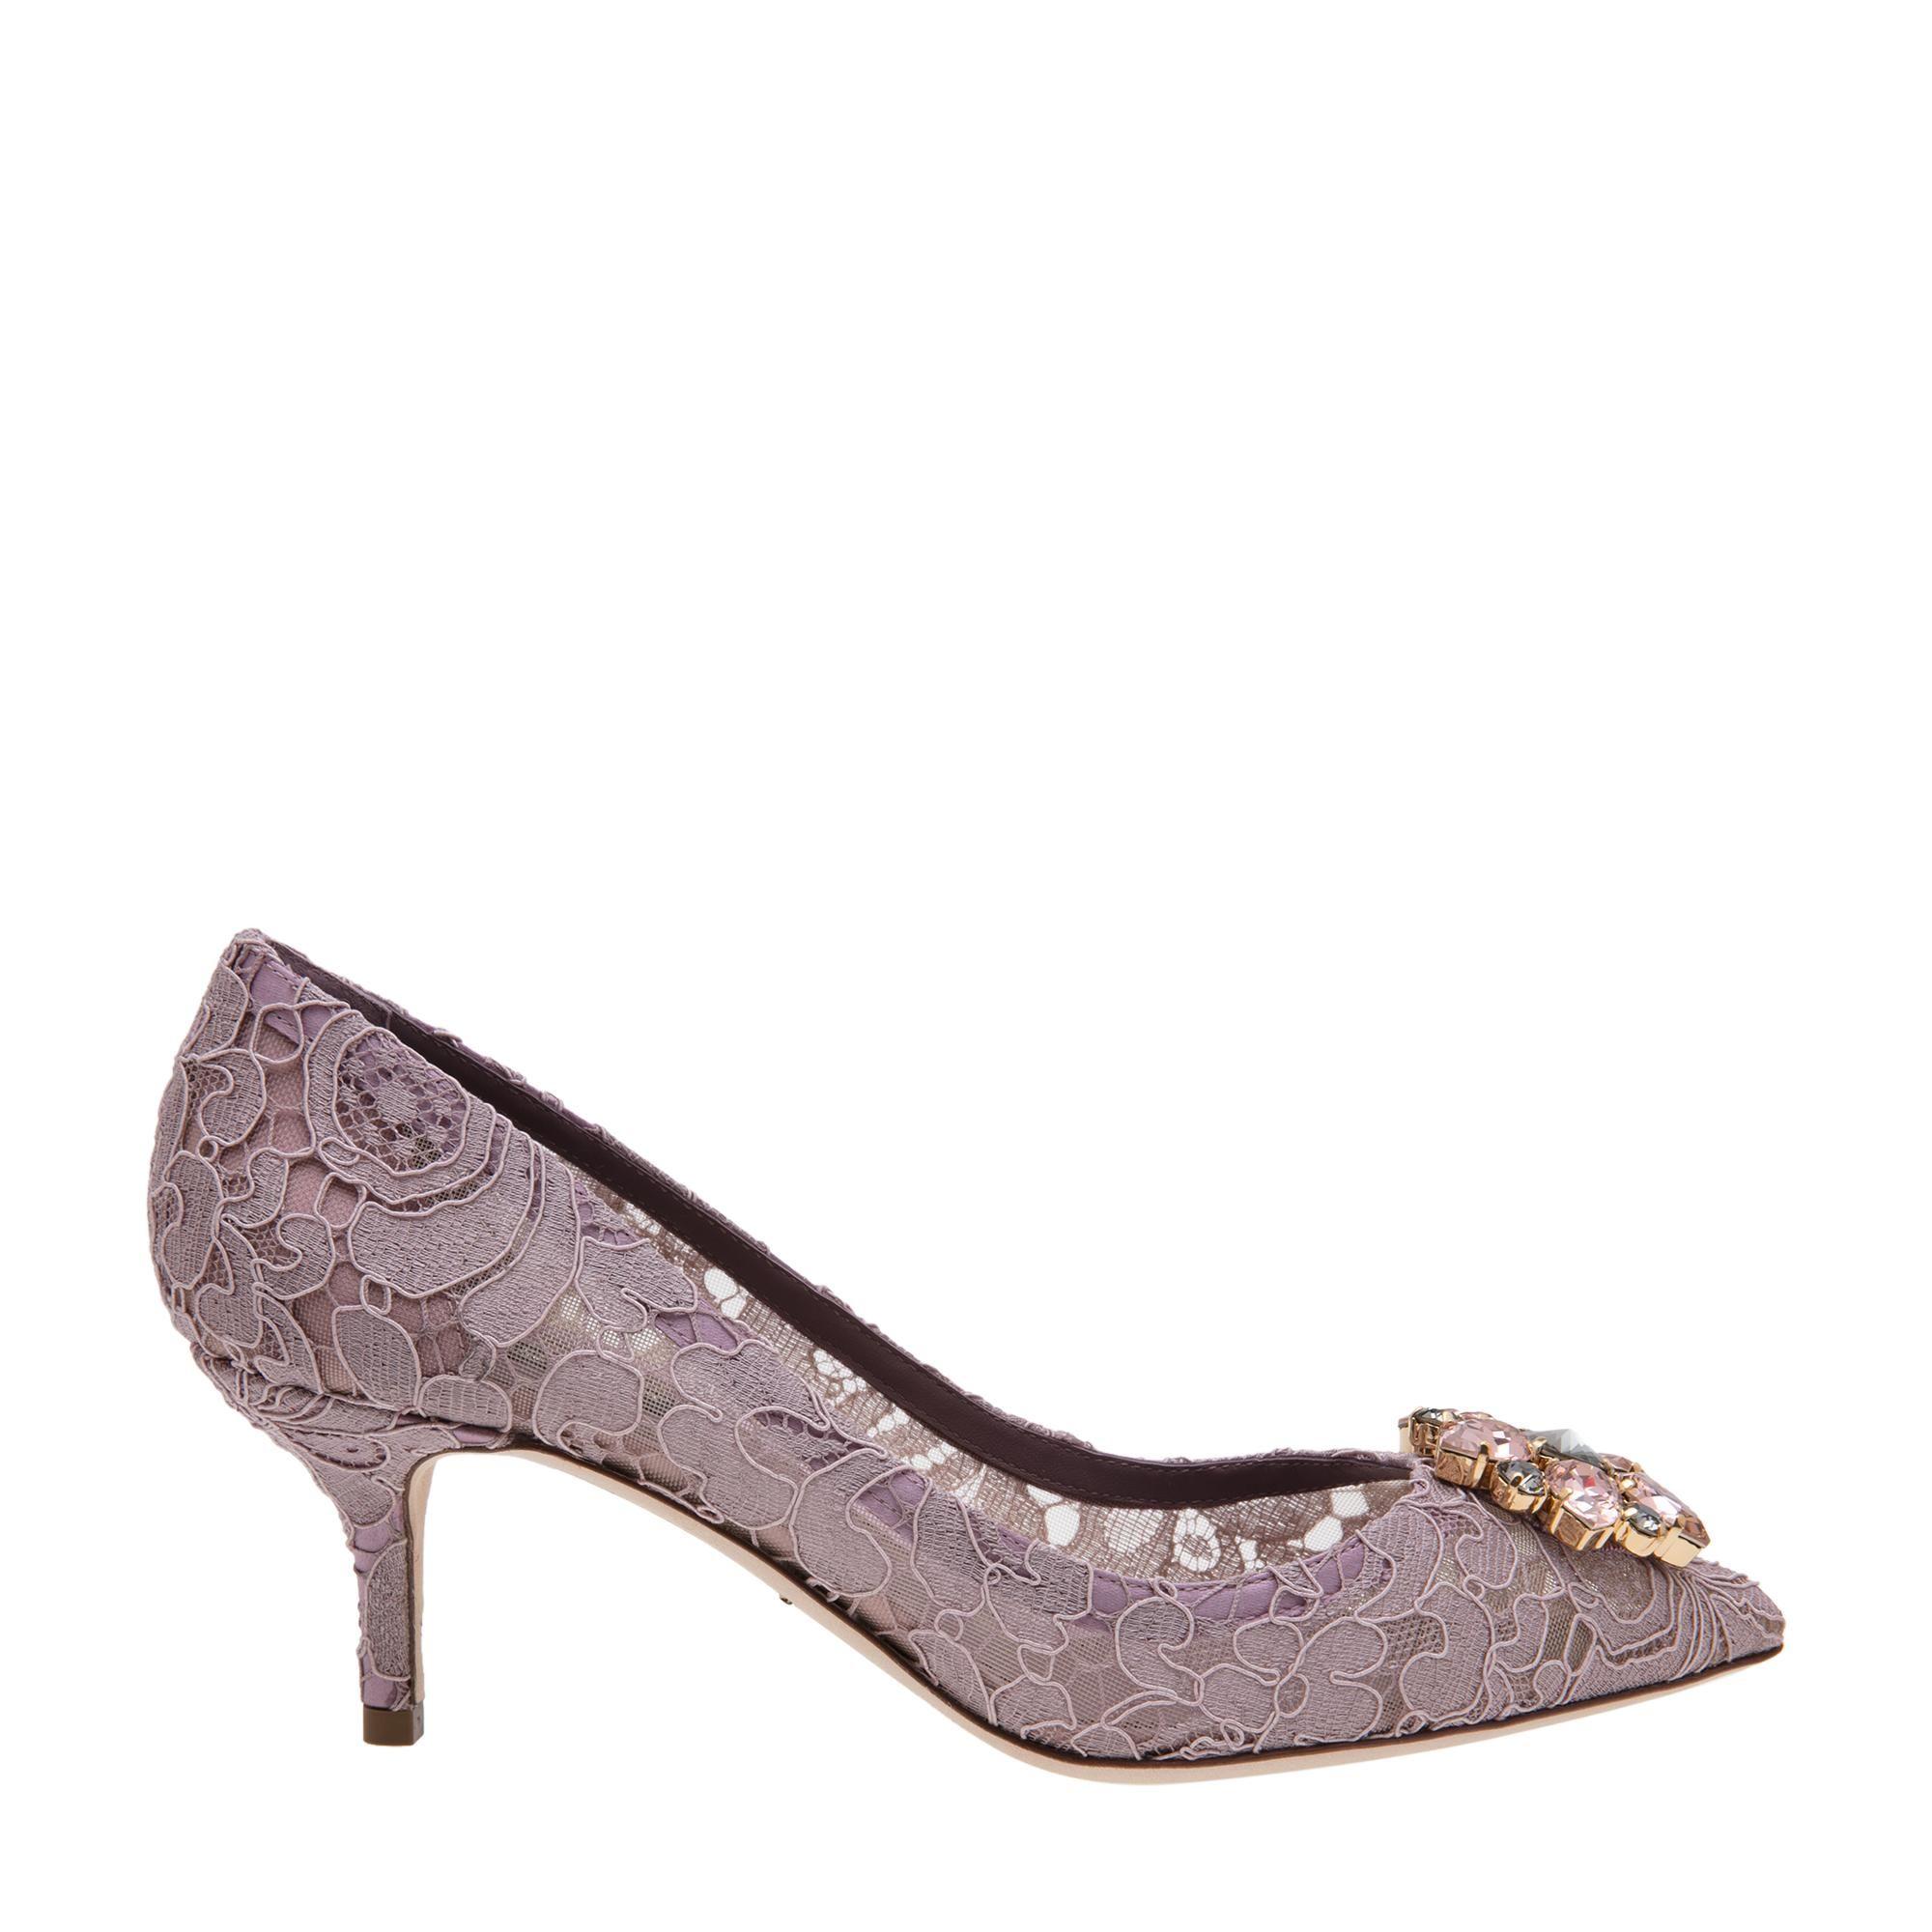 Embellished lace pumps